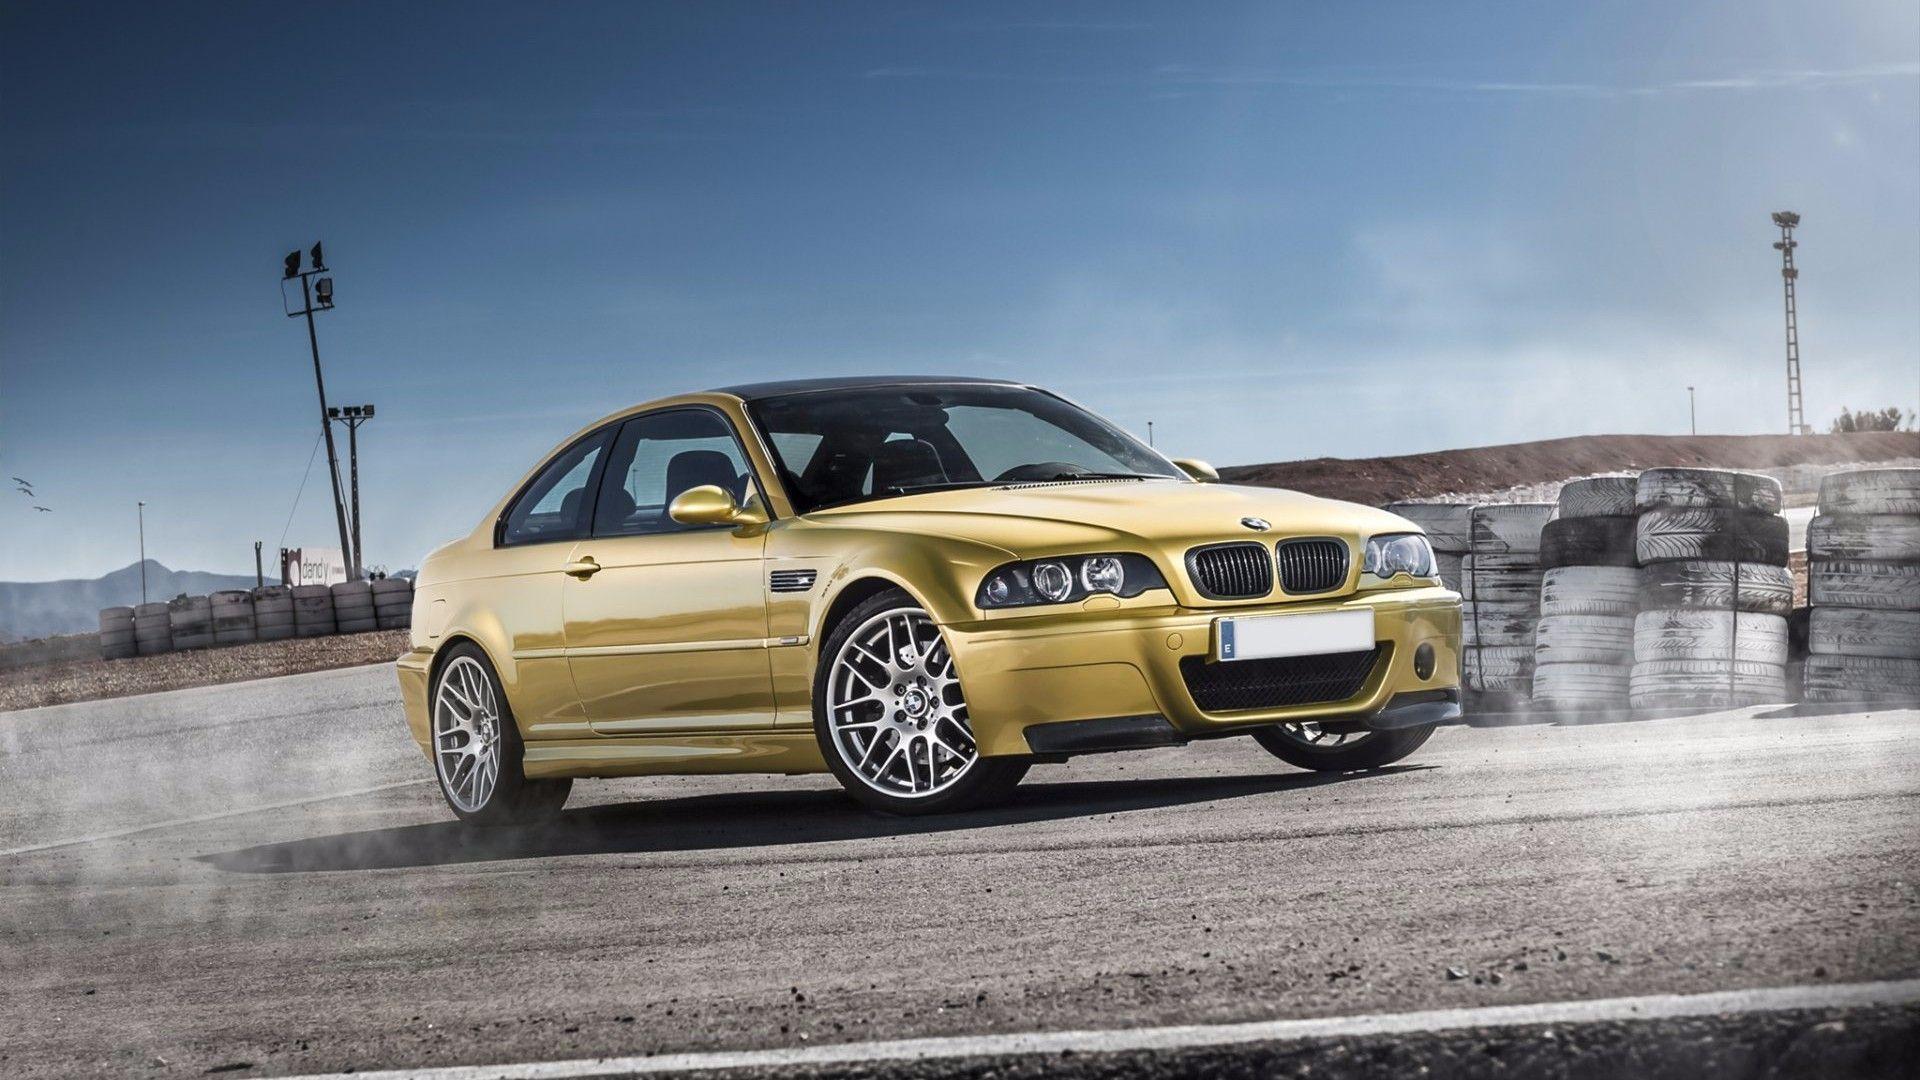 BMW E46 M3 Coupe фото, обои на БМВ Е46 Клубе